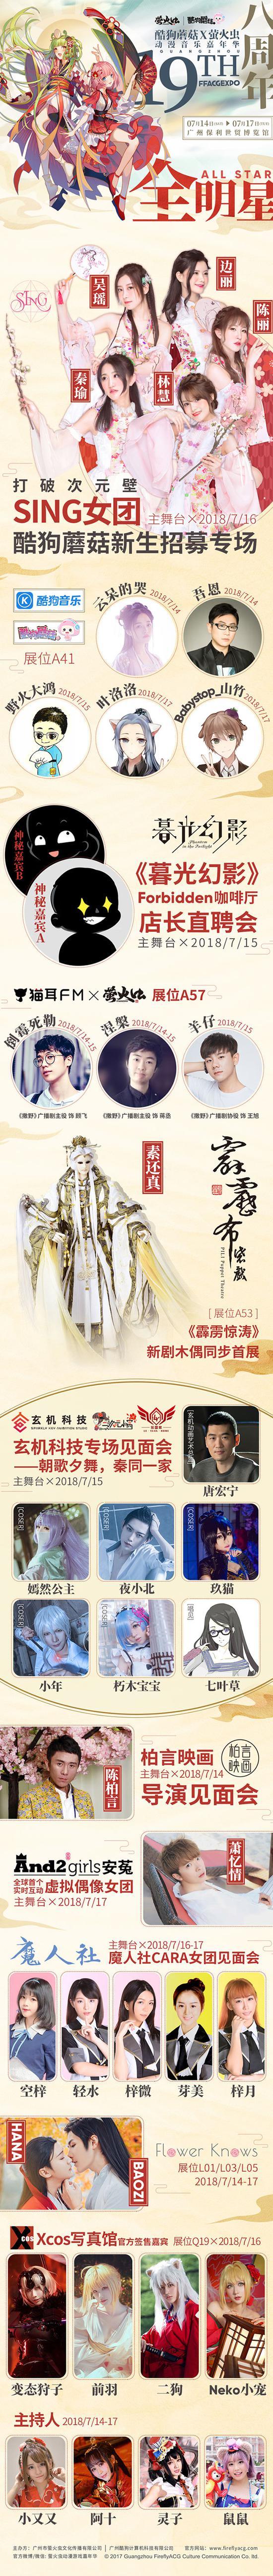 2018广州第19届萤火虫动漫游戏嘉年华嘉宾有哪些?